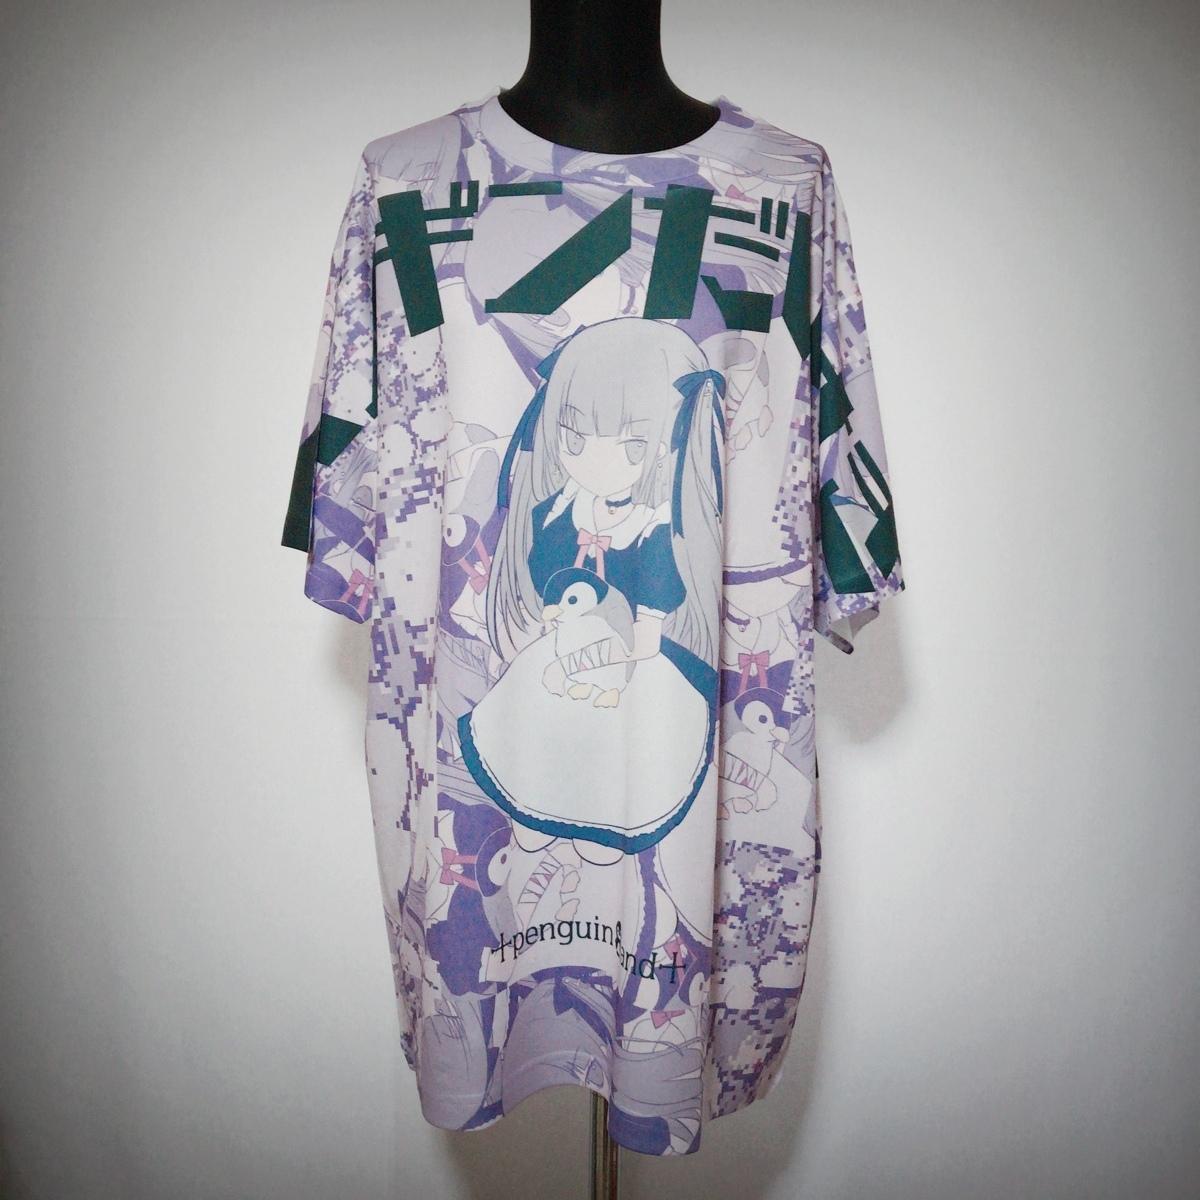 ペンギンだいすきモザイクの目 フルグラフィック Tシャツ XL 原宿系 派手 ゆめかわいい 病みかわいい パンク メイド メンヘラ ヤンデレ